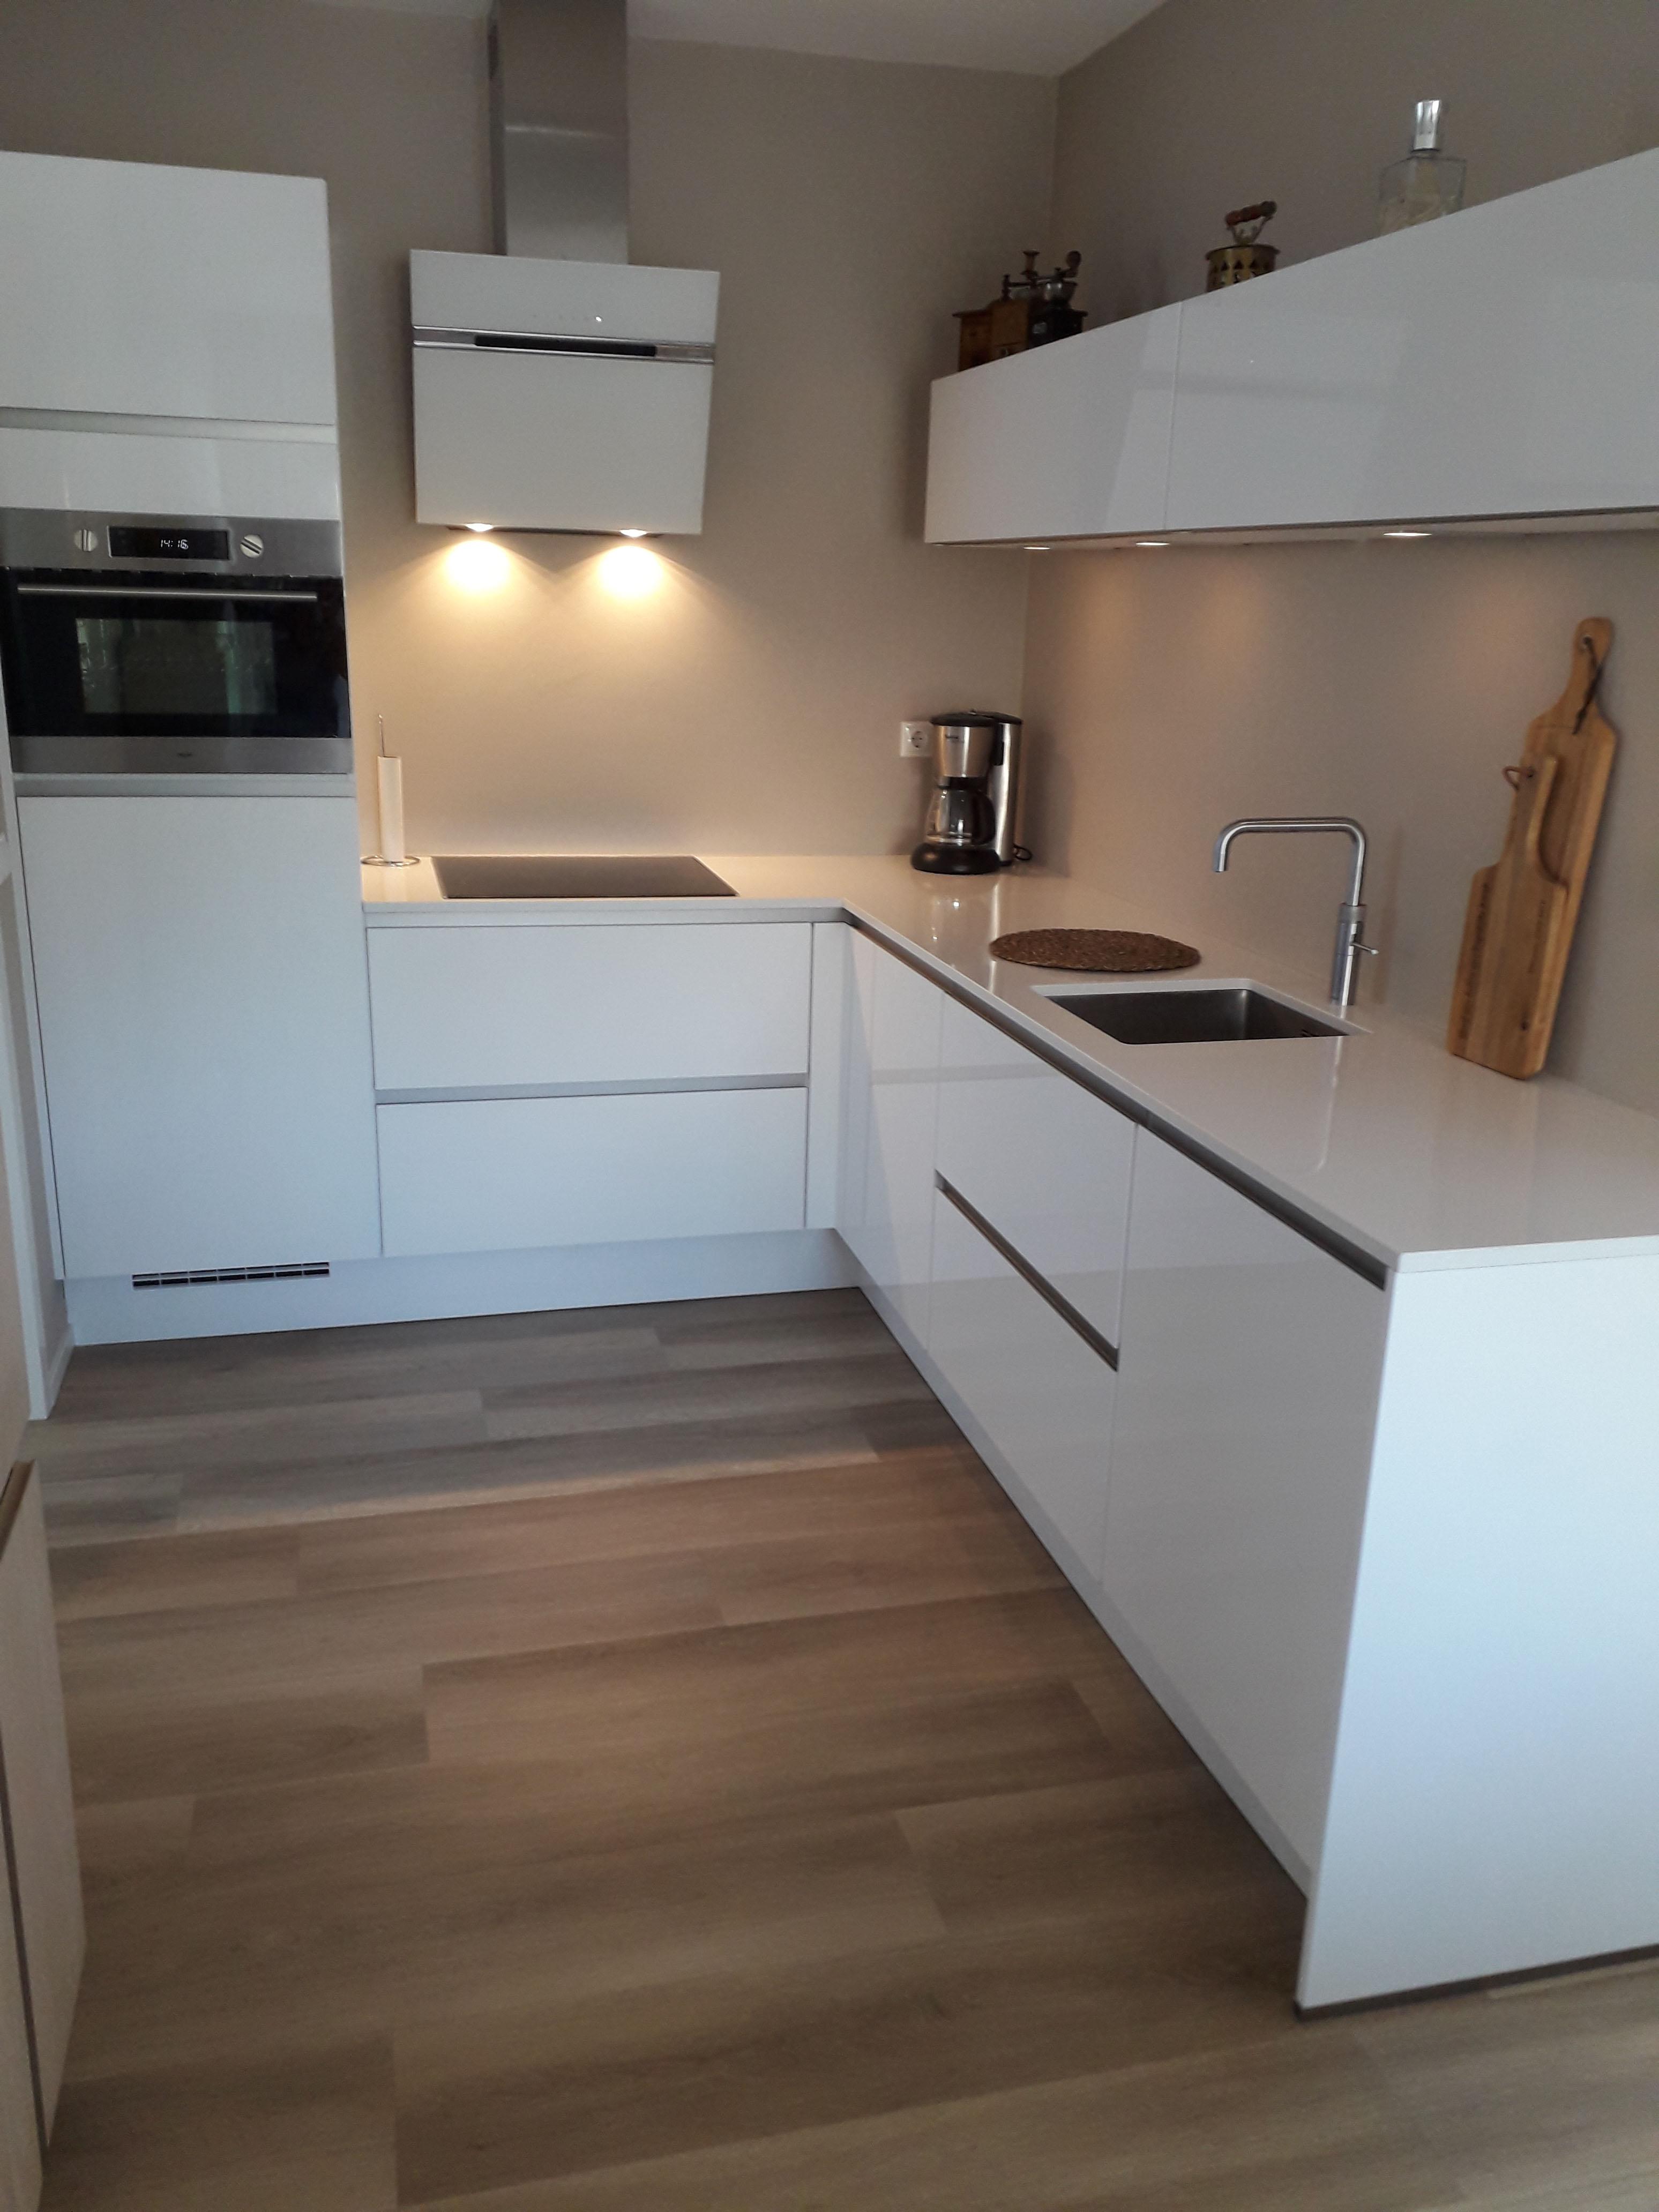 Ongekend Primo Keukens   Keukens bij onze klanten   hoogglans witte Nobilia DN-17